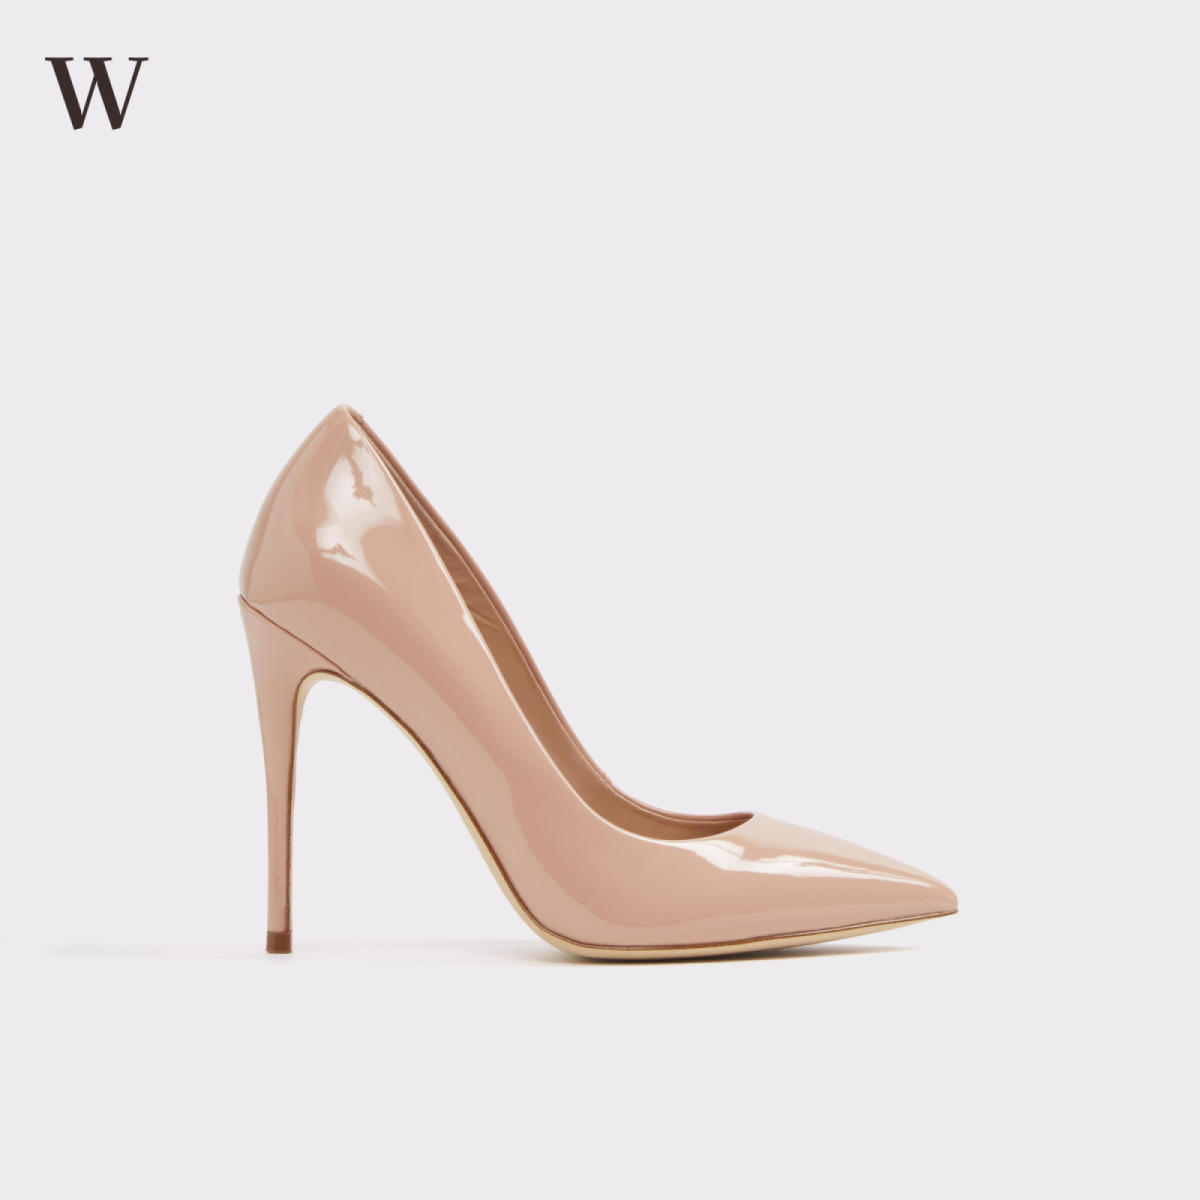 388f27a4f4b Stessy ww Light Pink Women s Pumps